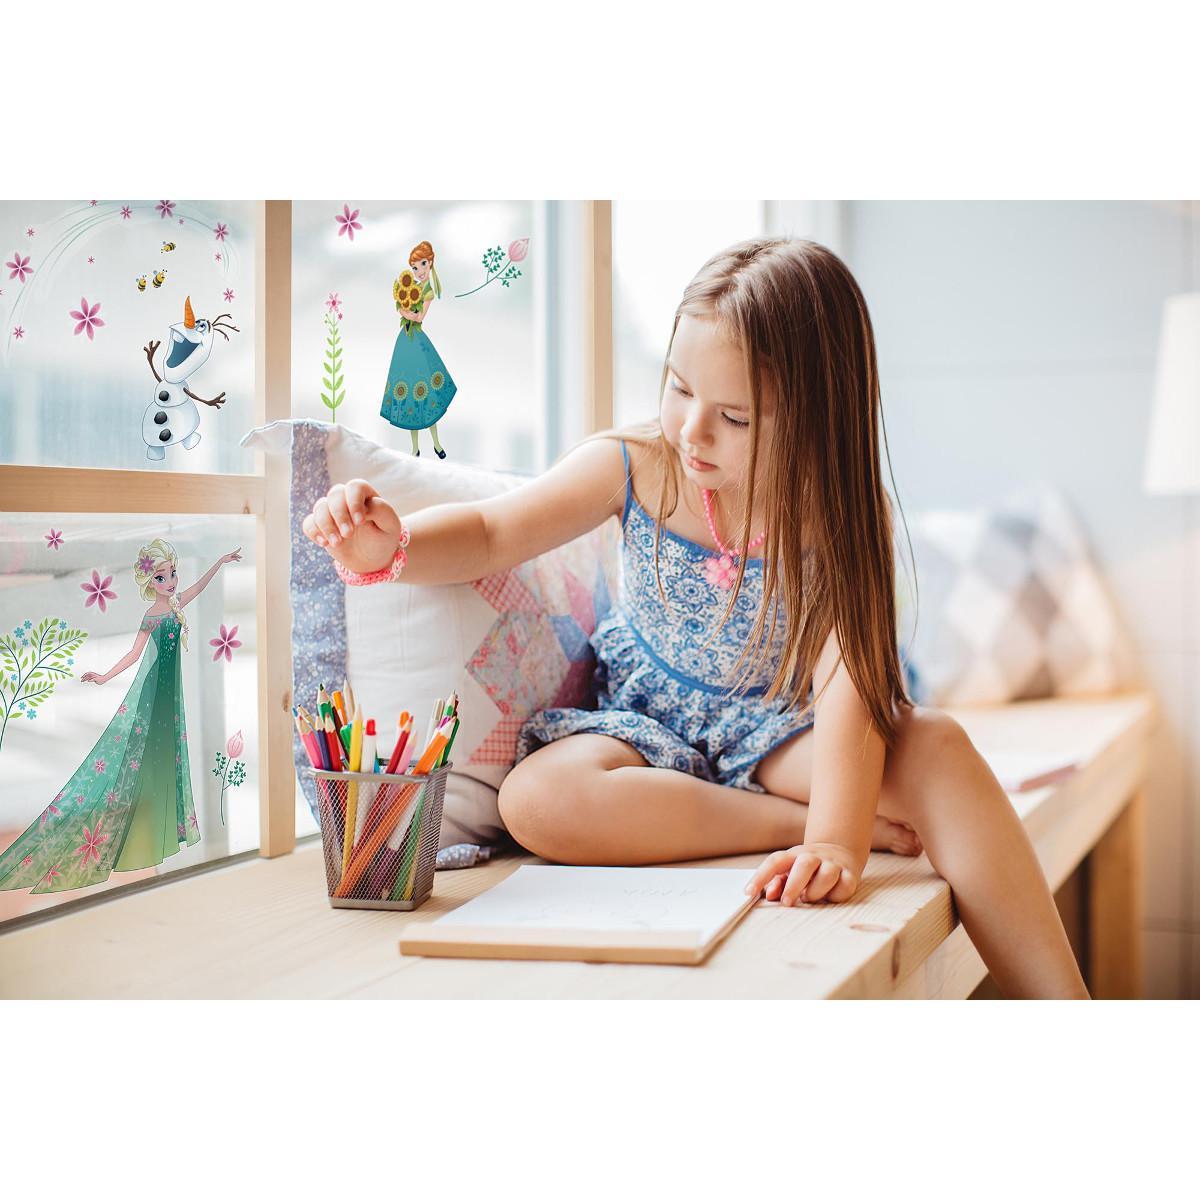 Komar Stickers pour fenetre La Reine des Neiges Printemps Disney Frozen